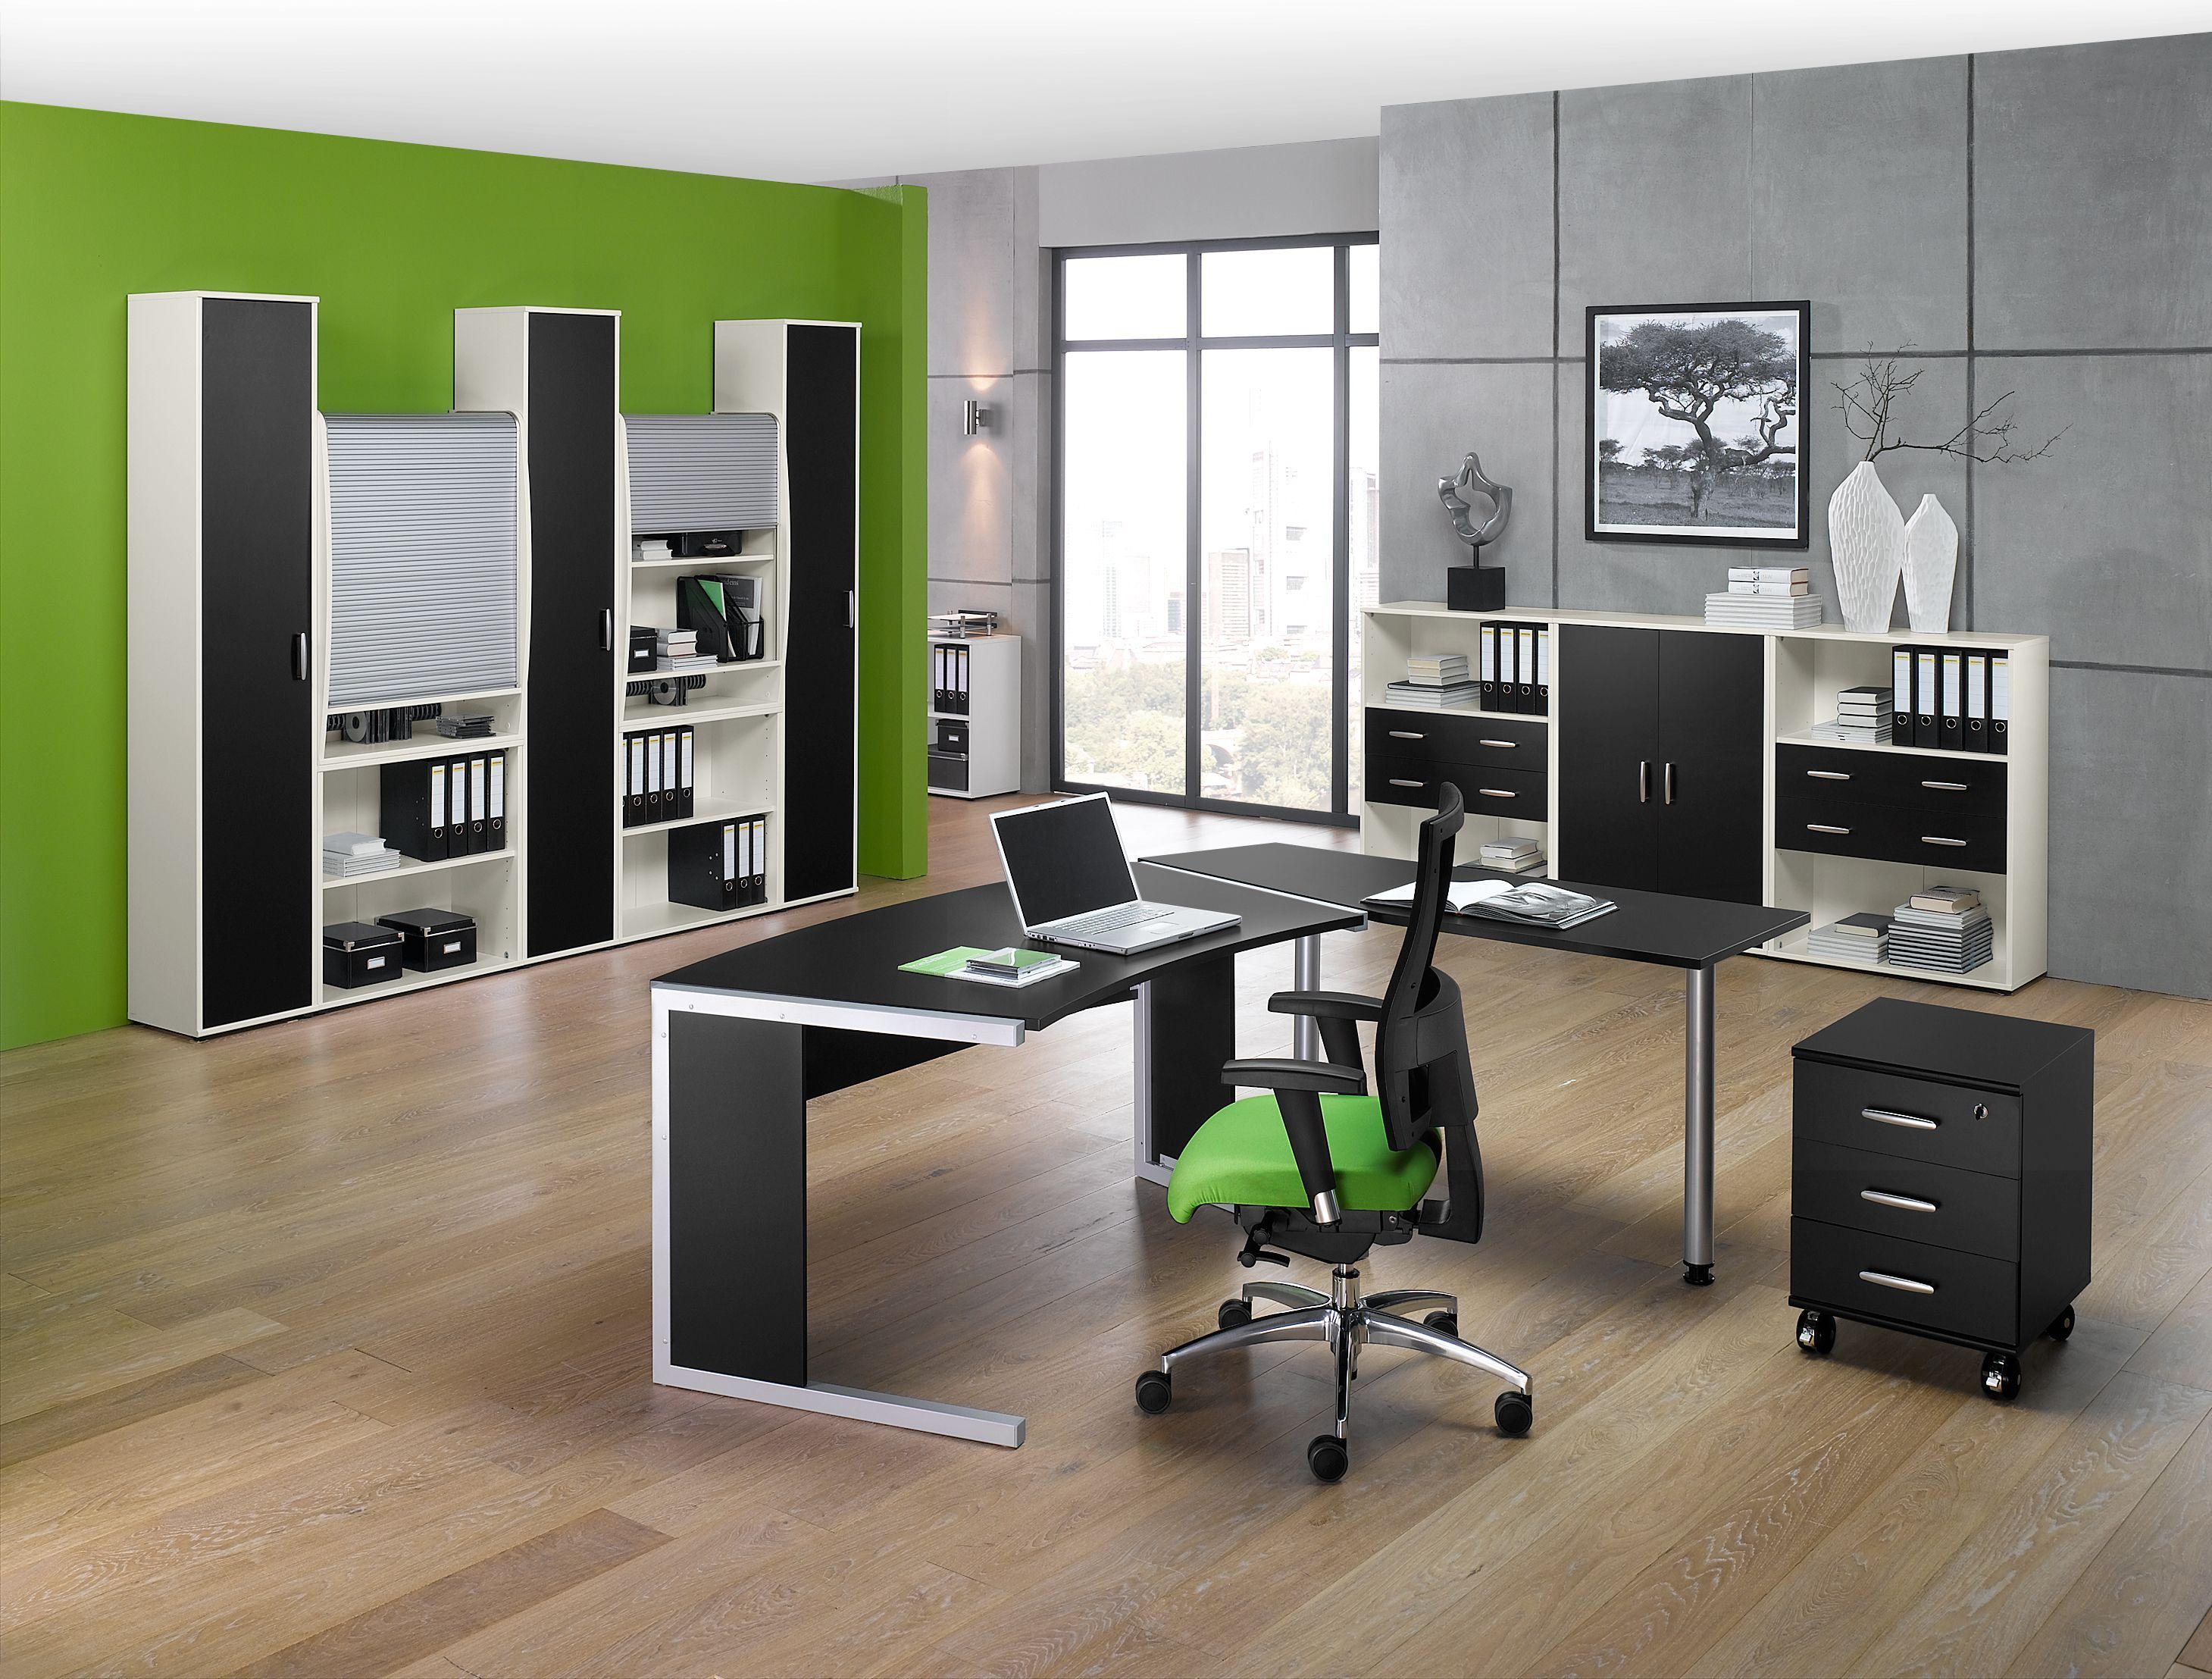 Büromöbel PREDO schwarz von Schäfer Shop | Büromöbel PREDO von ...